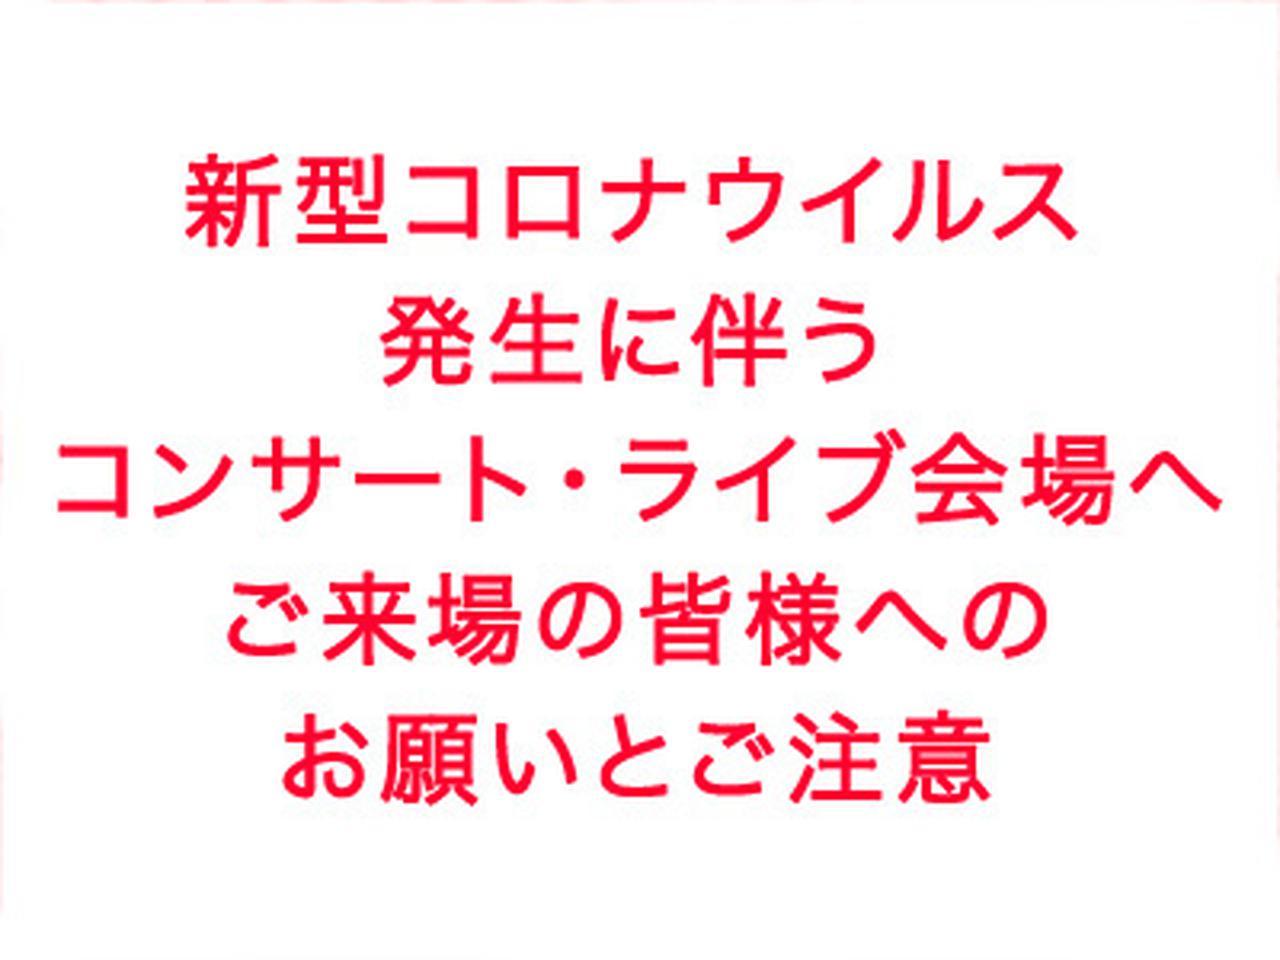 大阪 感染 ライブ ハウス